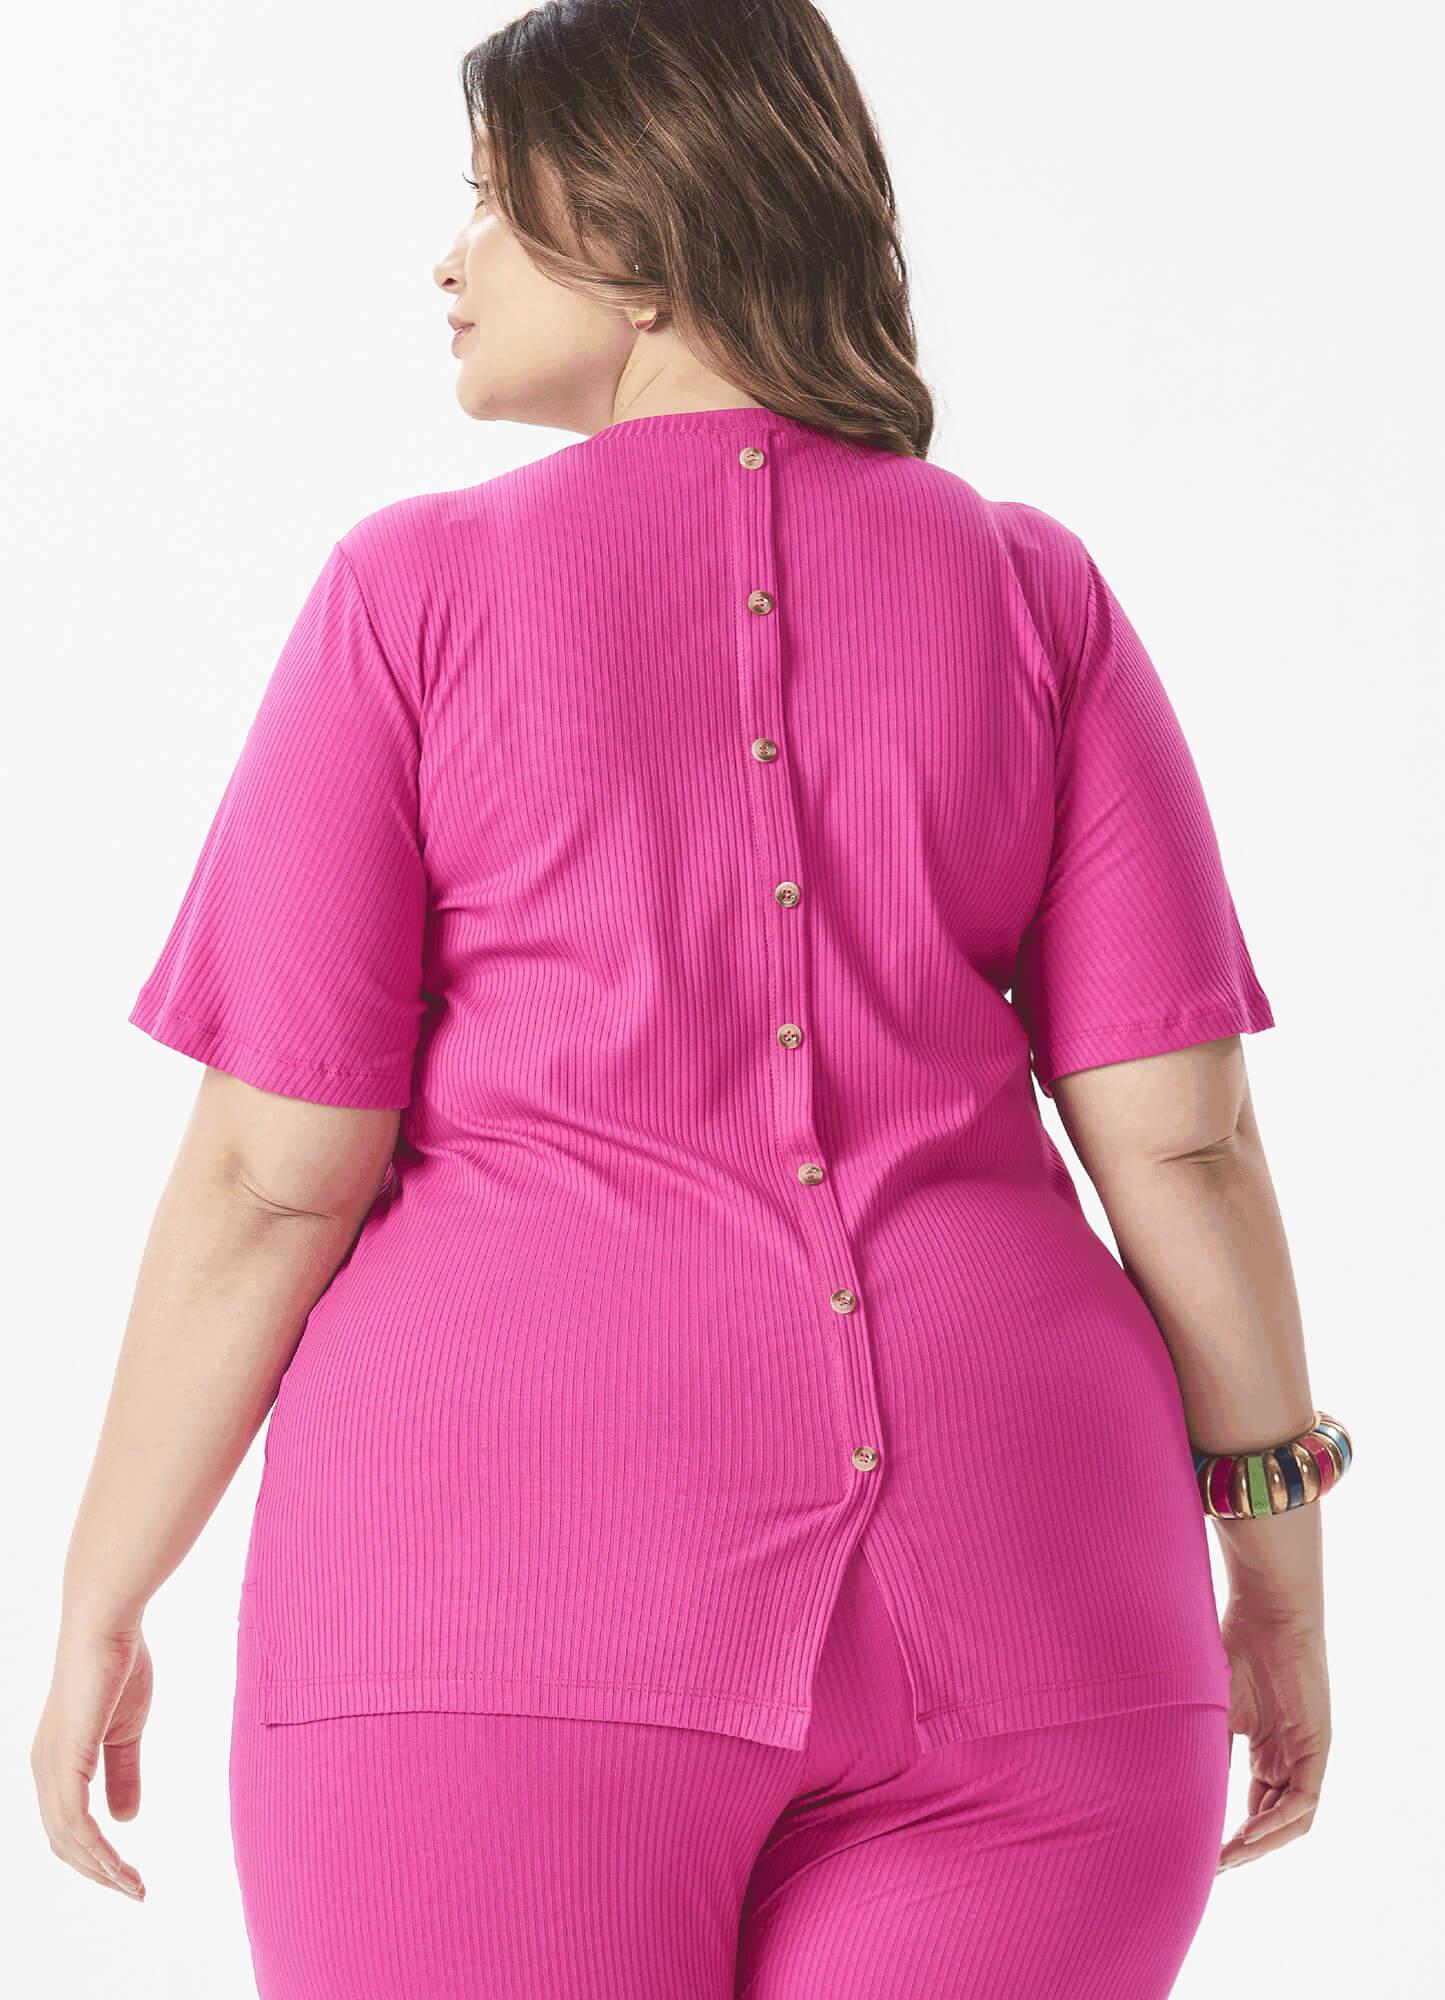 Blusa Feminina Canelada Rosa Detalhe Botões Costas